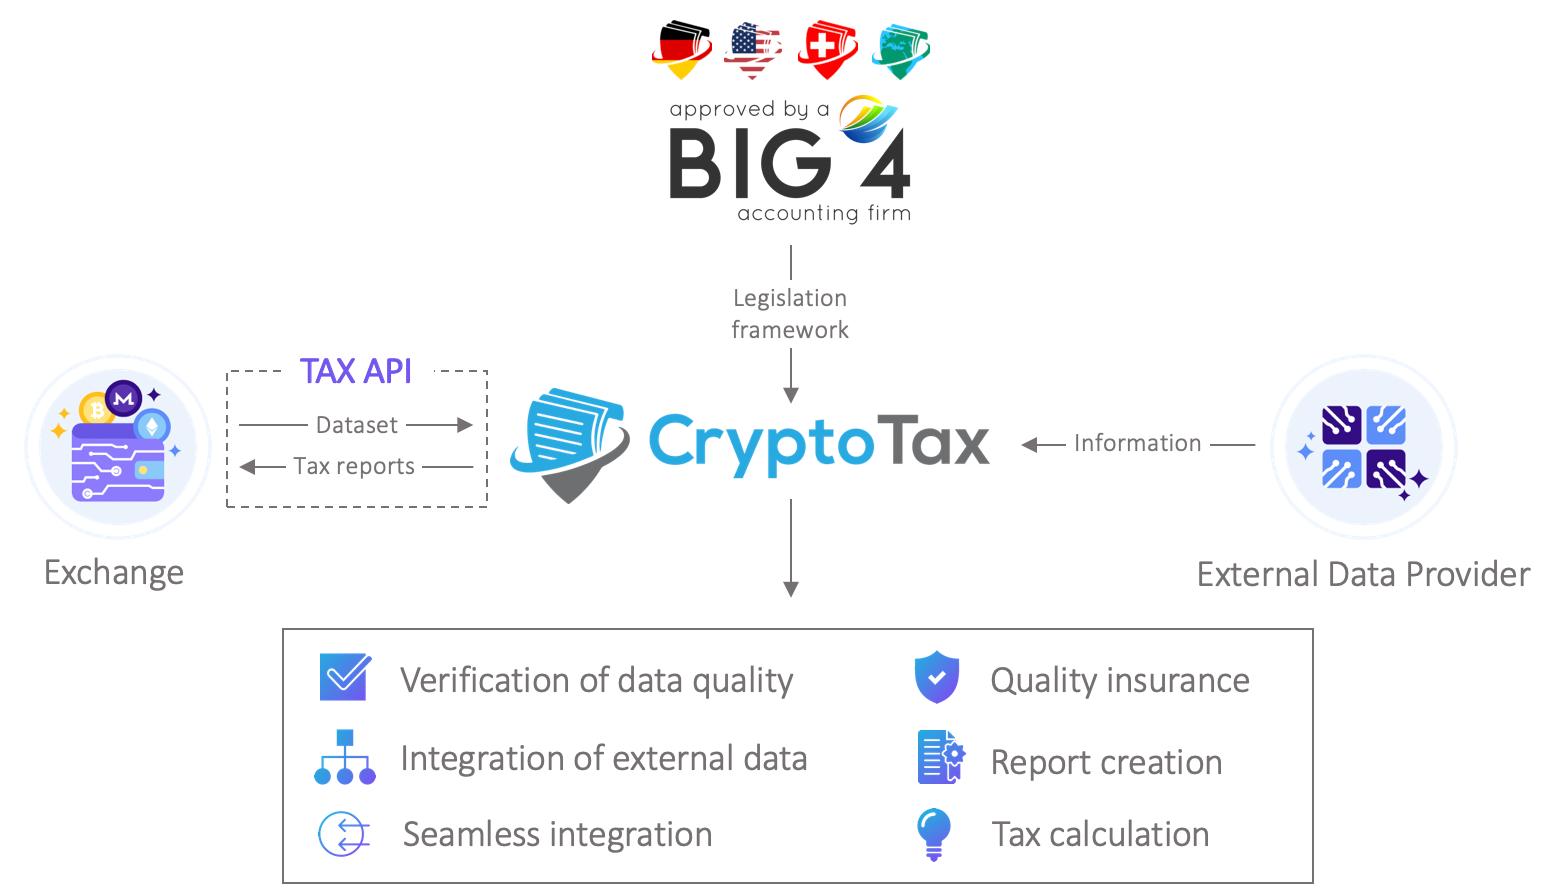 B2B Big 4 CryptoTax